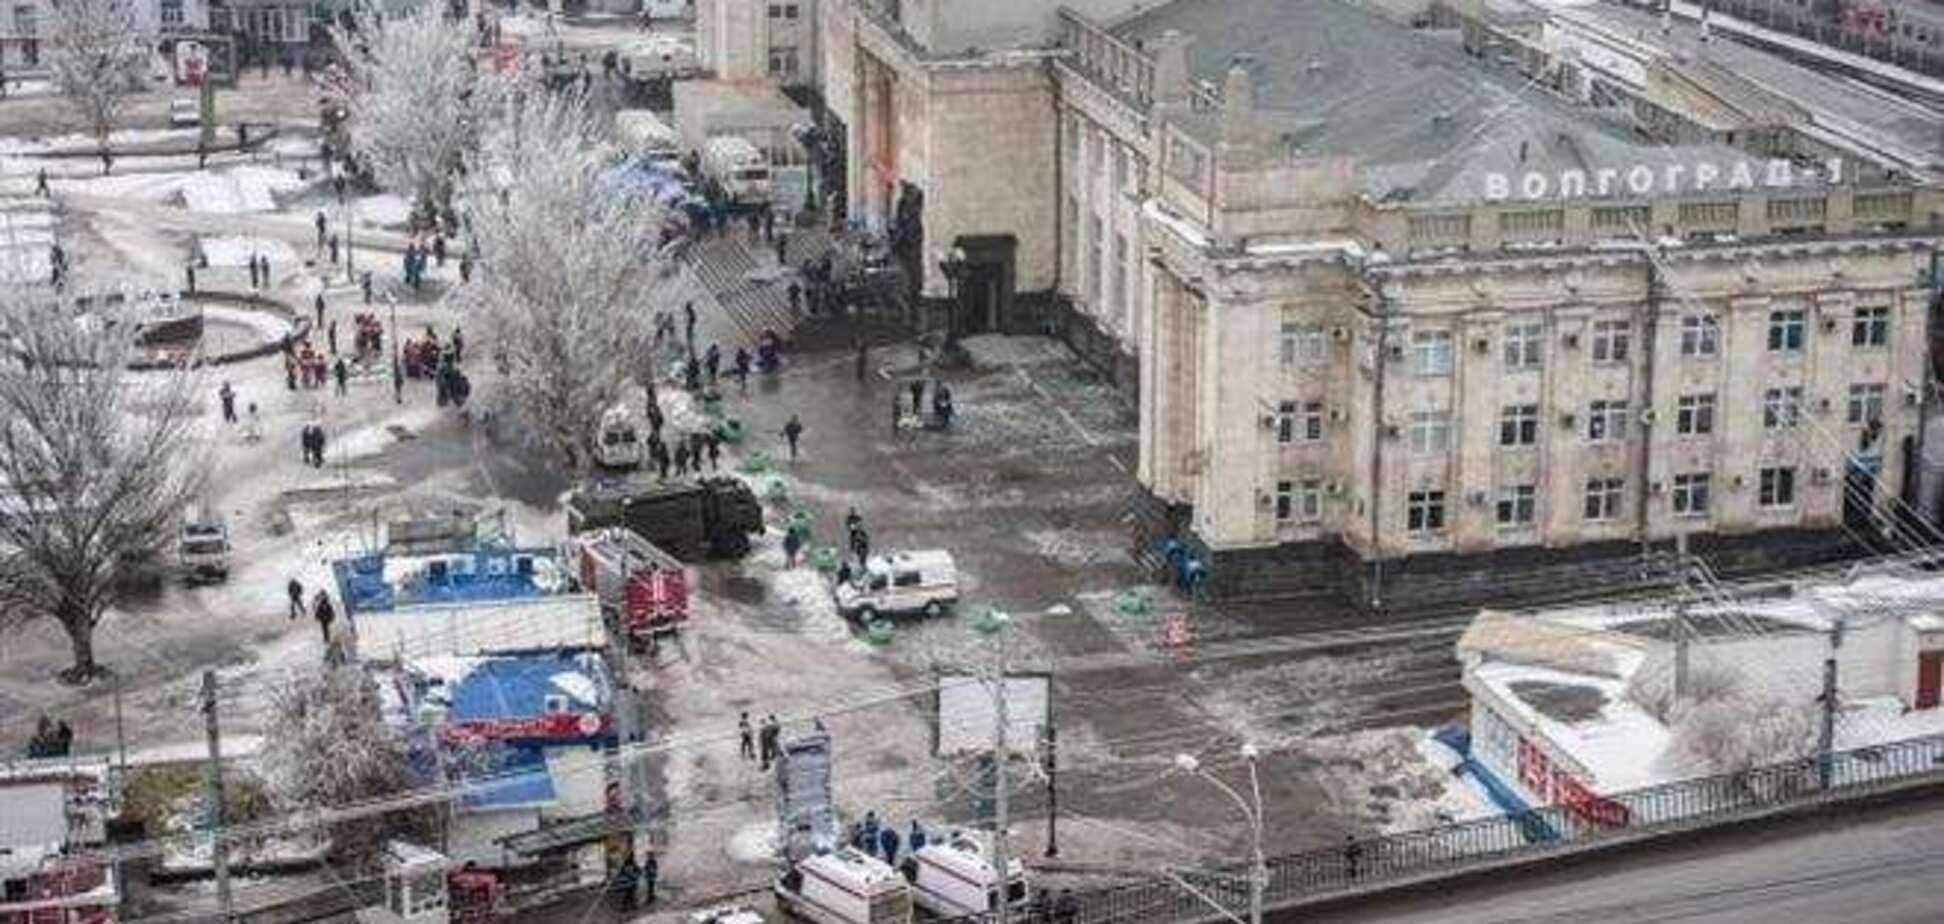 Теракт у Волгограді могли скоїти двоє смертників - джерело